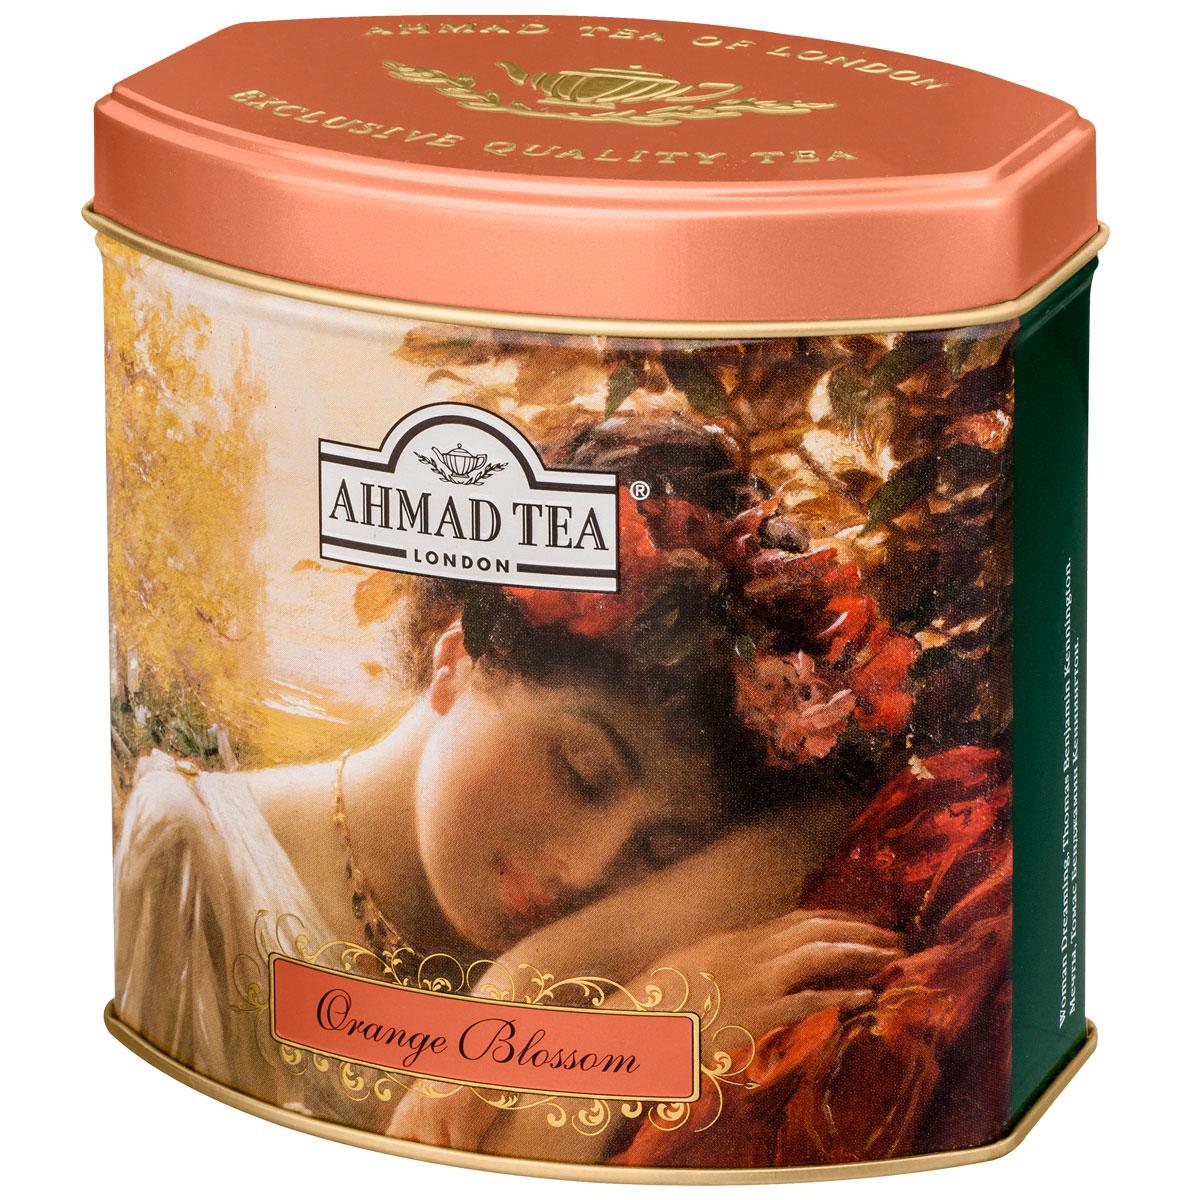 Ahmad Tea Orange Blossom черный чай, 100 г (жестяная банка)1172В европейской традиции цветок апельсина считается символом любви. В честь него назвали букет невесты - флердоранж. Моду на них и на белые свадебные платья ввела английская королева Виктория в 19 в. И также чуть заметная сластинка и тонкий аромат солнечного фрукта составляют особенный легкий букет чая Ahmad Orange Blossom. Заваривать 5-7 минут, температура воды 100°С. Уважаемые клиенты! Обращаем ваше внимание на то, что упаковка может иметь несколько видов дизайна. Поставка осуществляется в зависимости от наличия на складе.